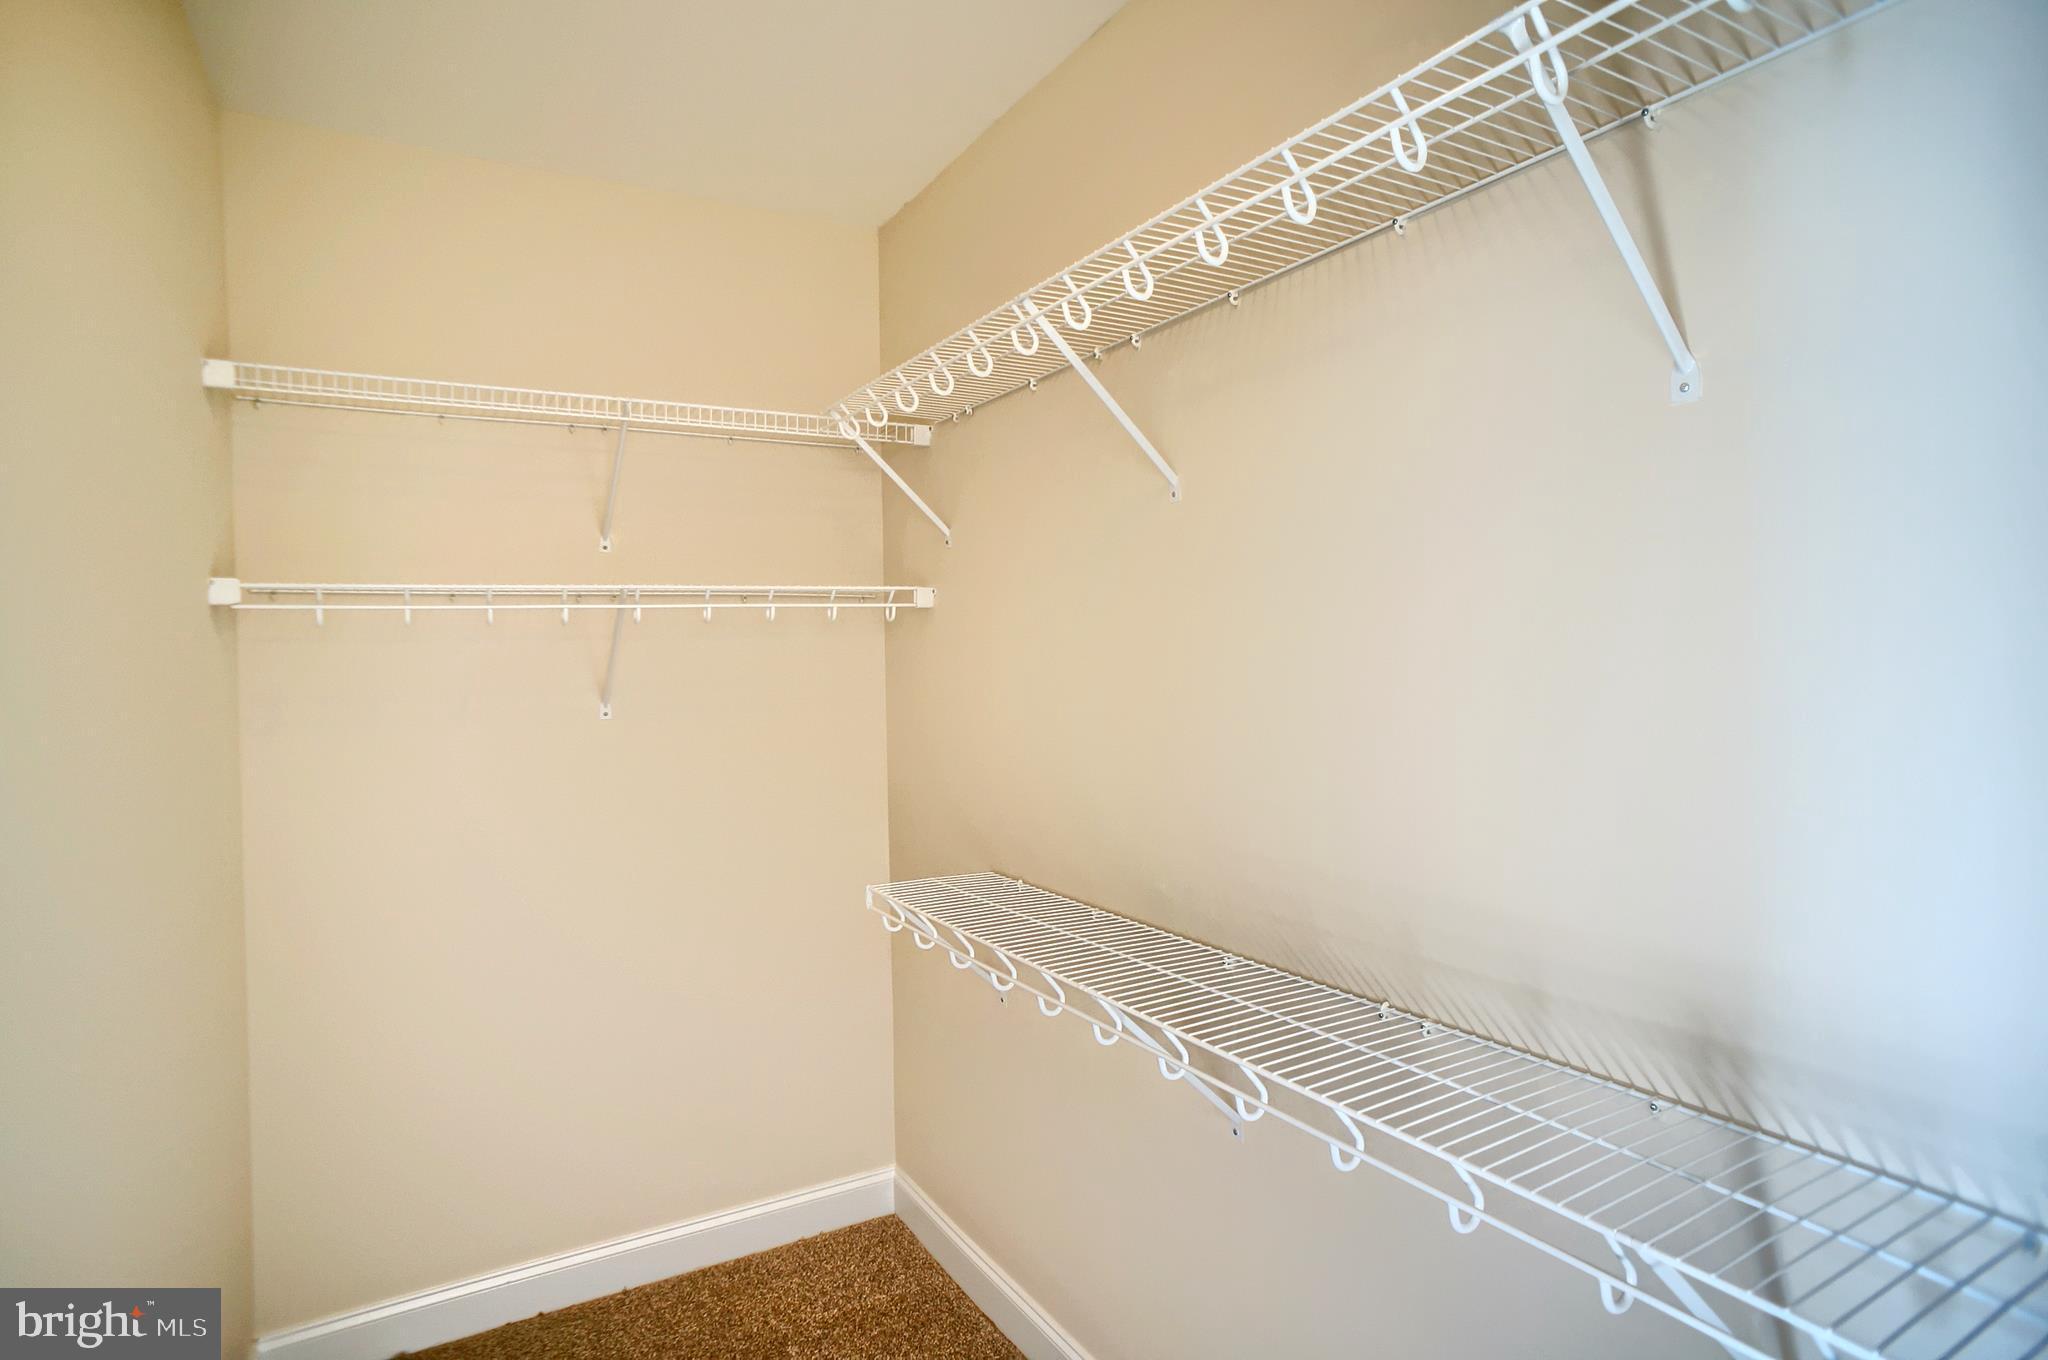 1st floor Master bedroom - walk in closet